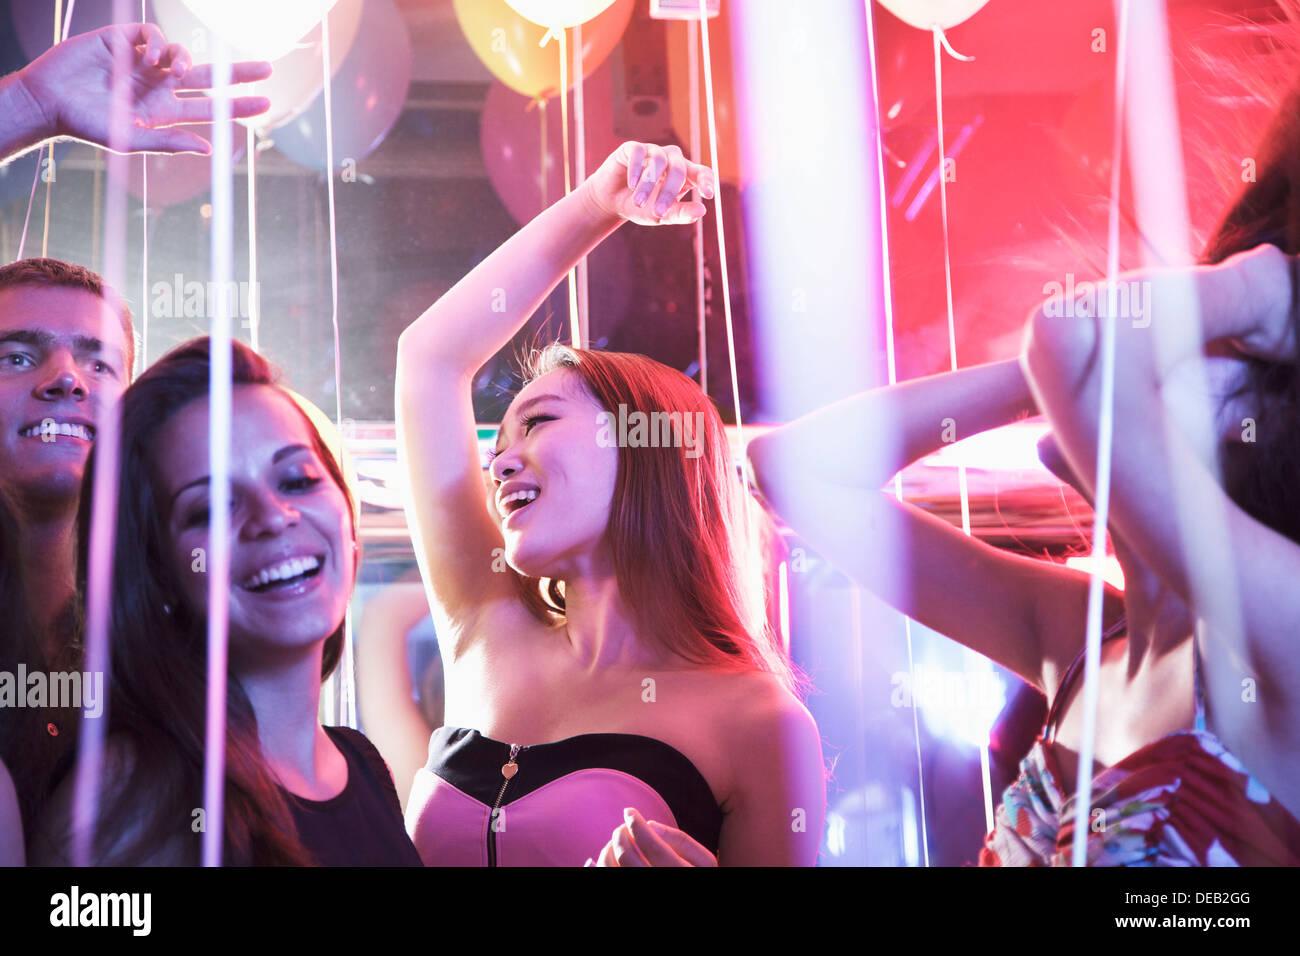 Grupo multiétnico de amigos con las manos en el aire bailando entre globos en una discoteca Foto de stock